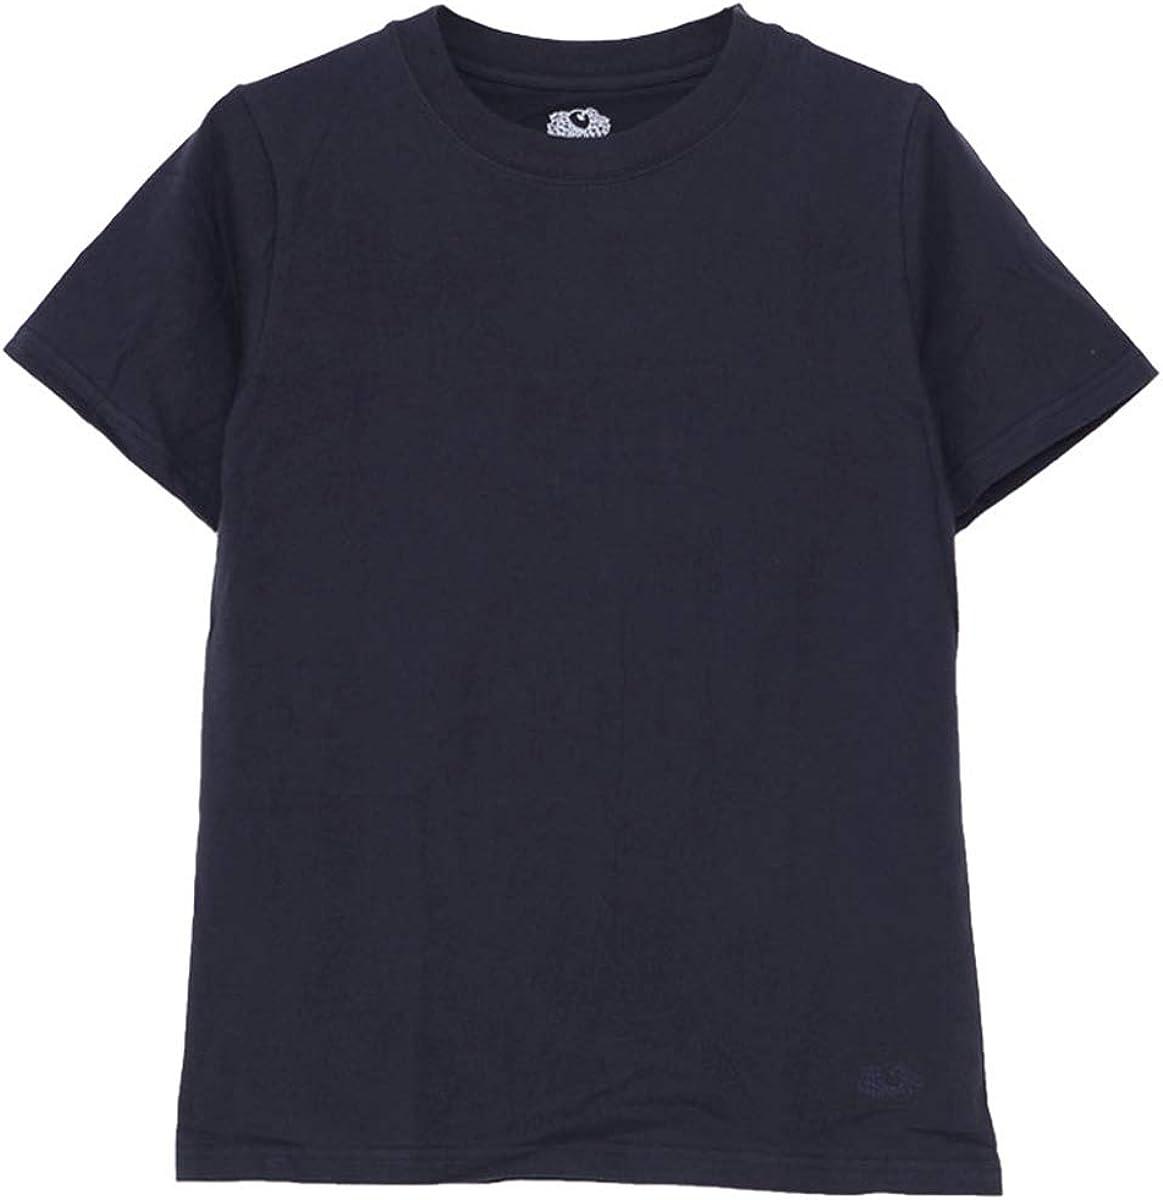 Tシャツといえば「白T」なイメージもありますが、何やかんやで使いやすいのはダークトーンの1枚だったりします。